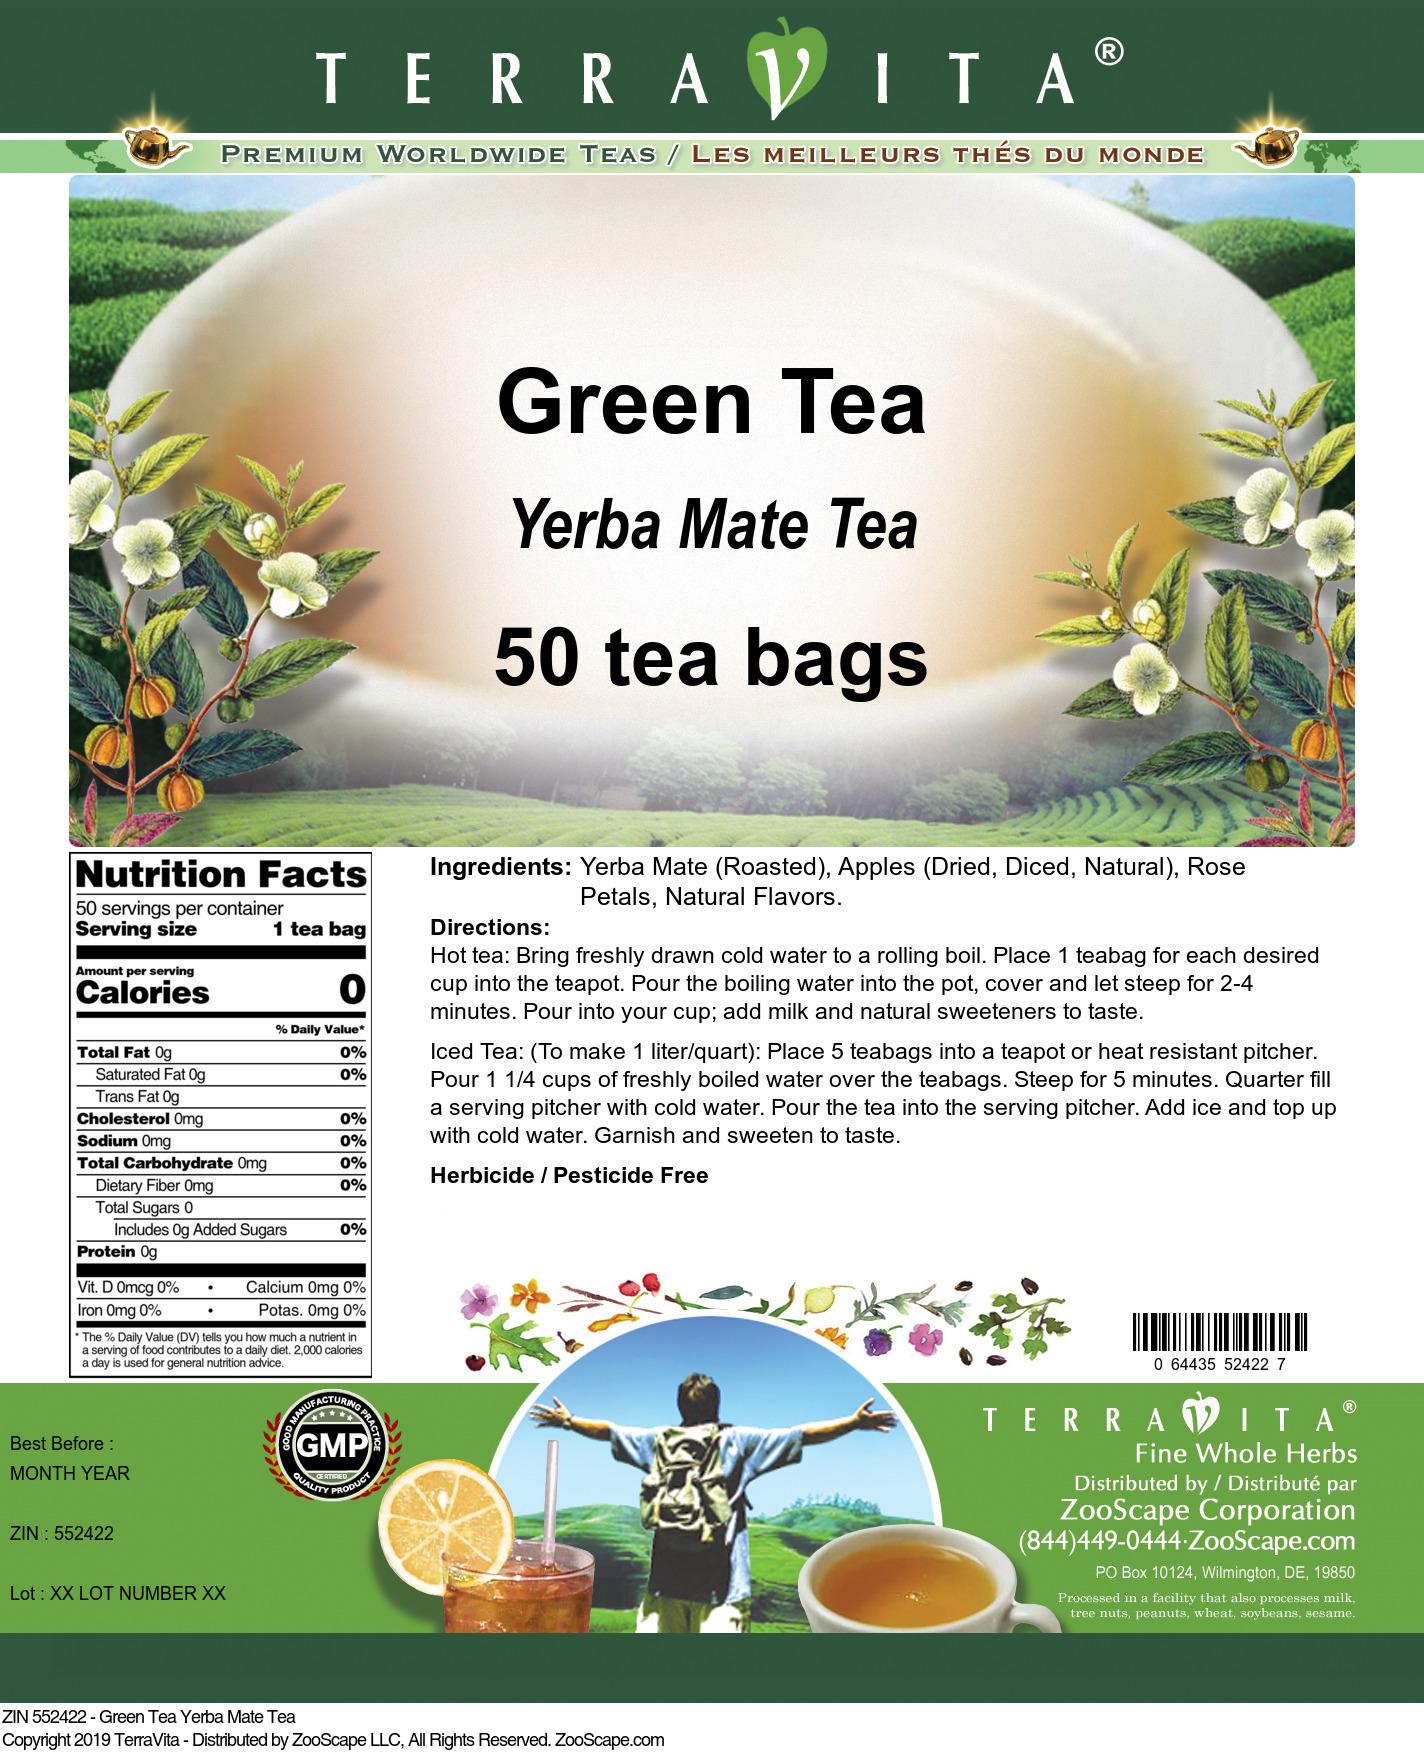 Green Tea Yerba Mate Tea